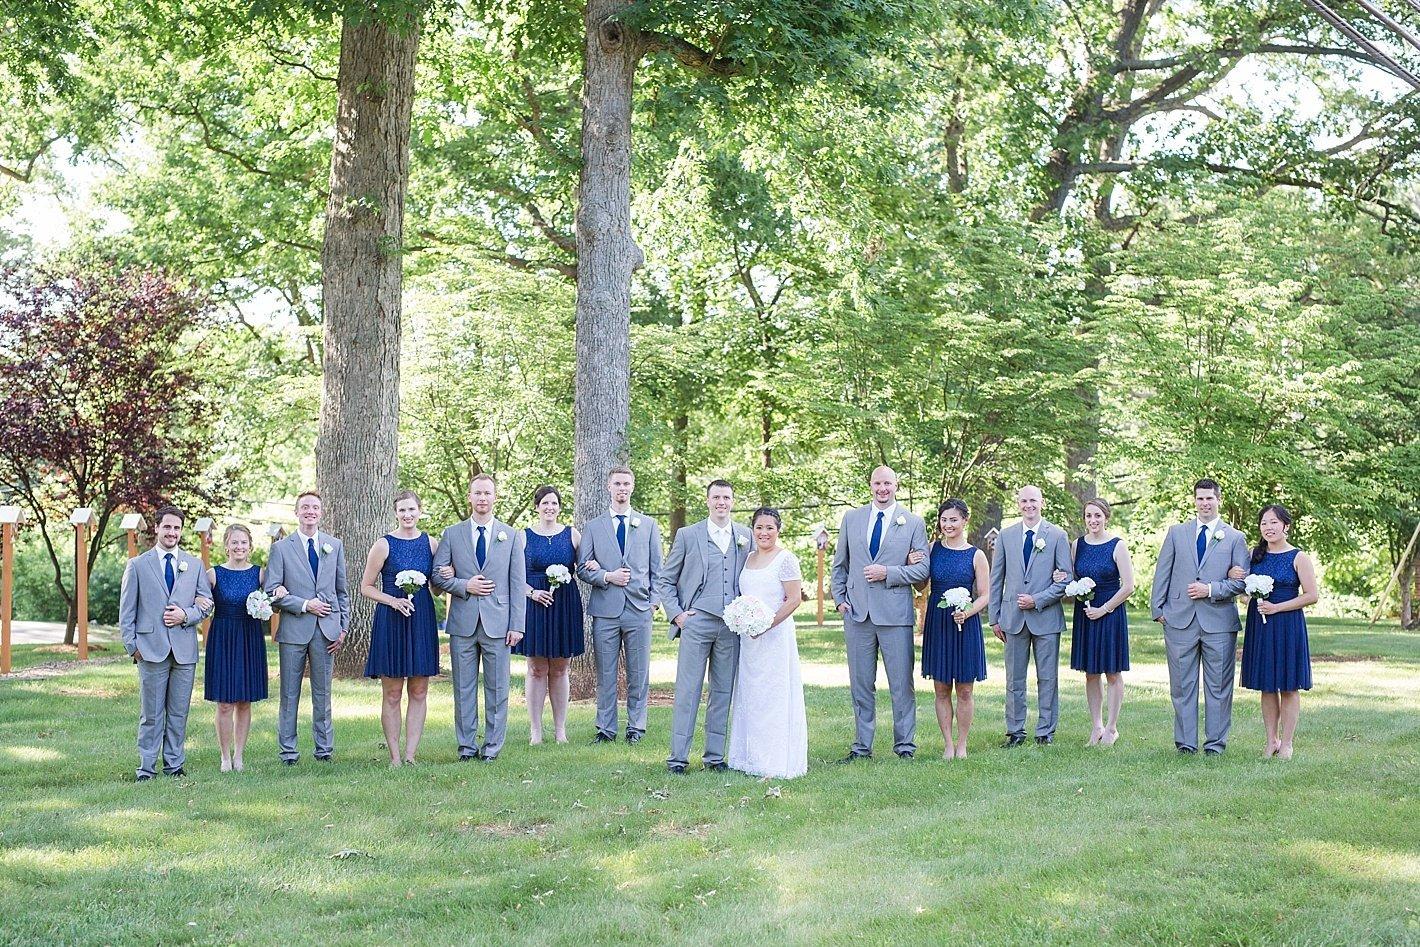 TheGreatRoomatSavageMillweddinghowardcountyweddingphotography-37